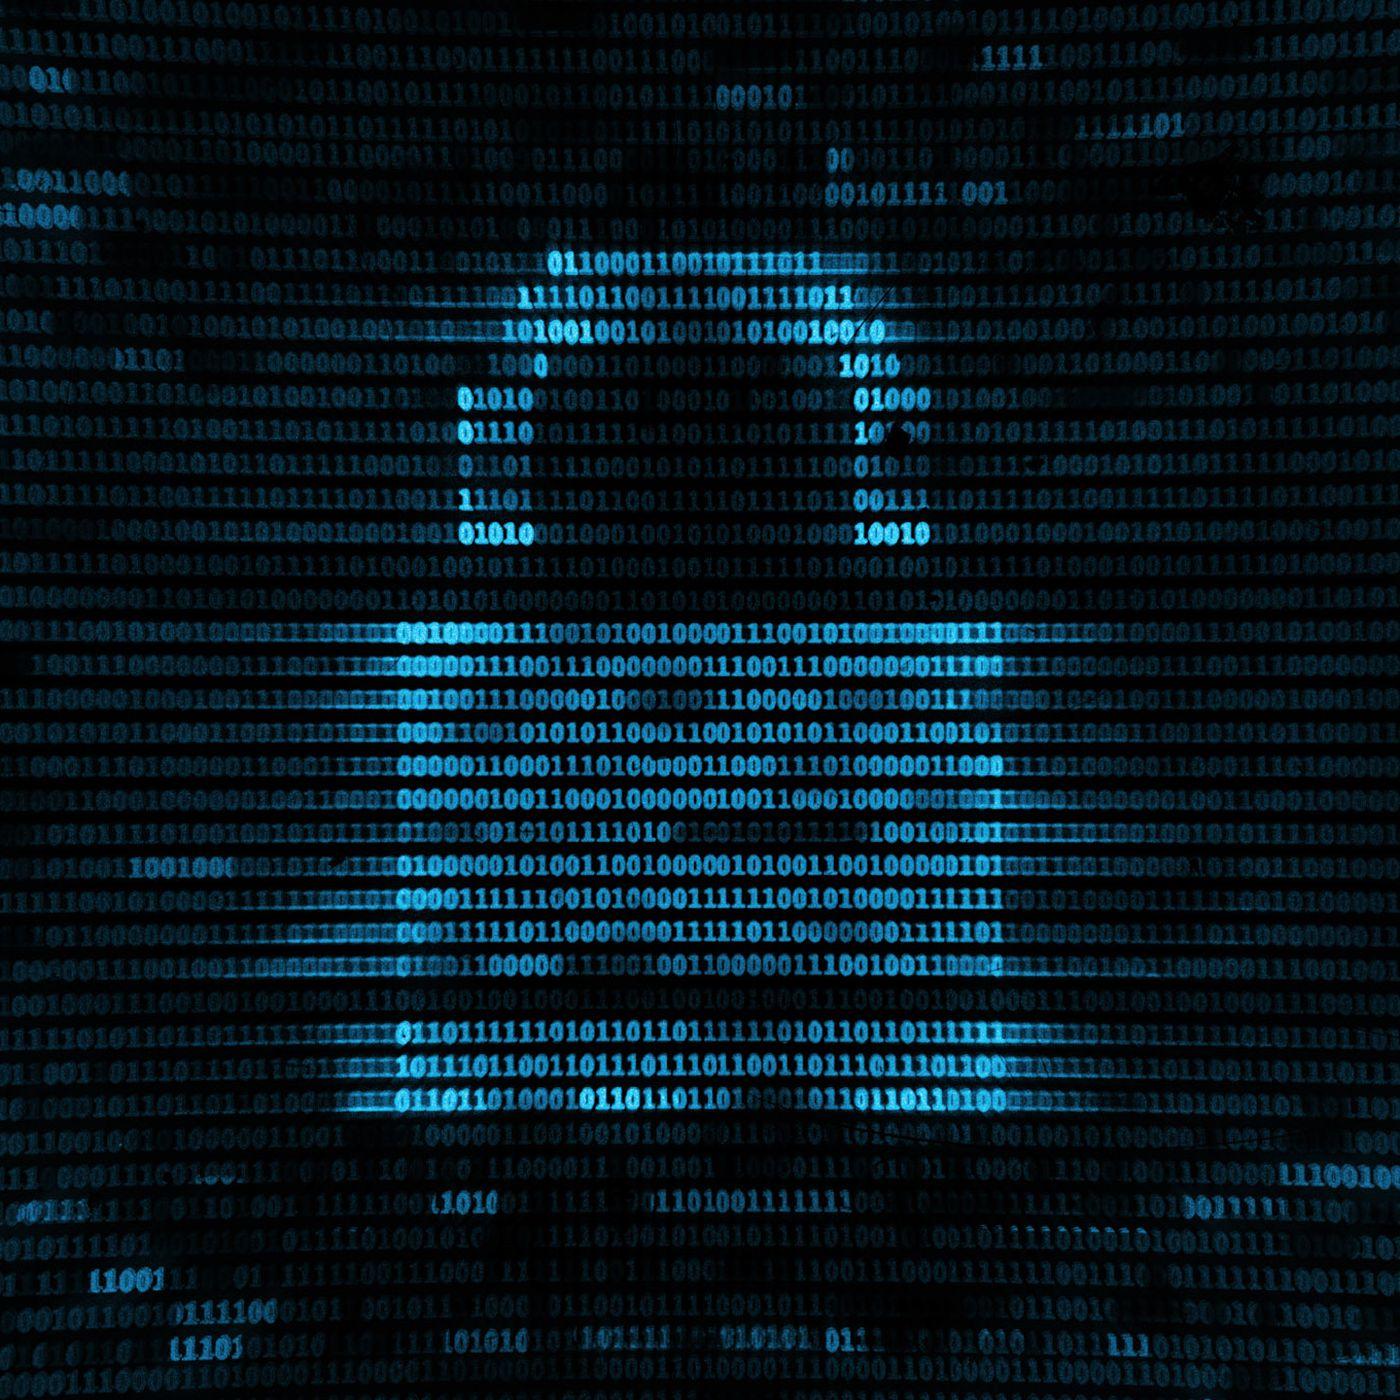 اختراق أحد منصات تداول العملات الرقمية وكشف معلومات المستخدمين